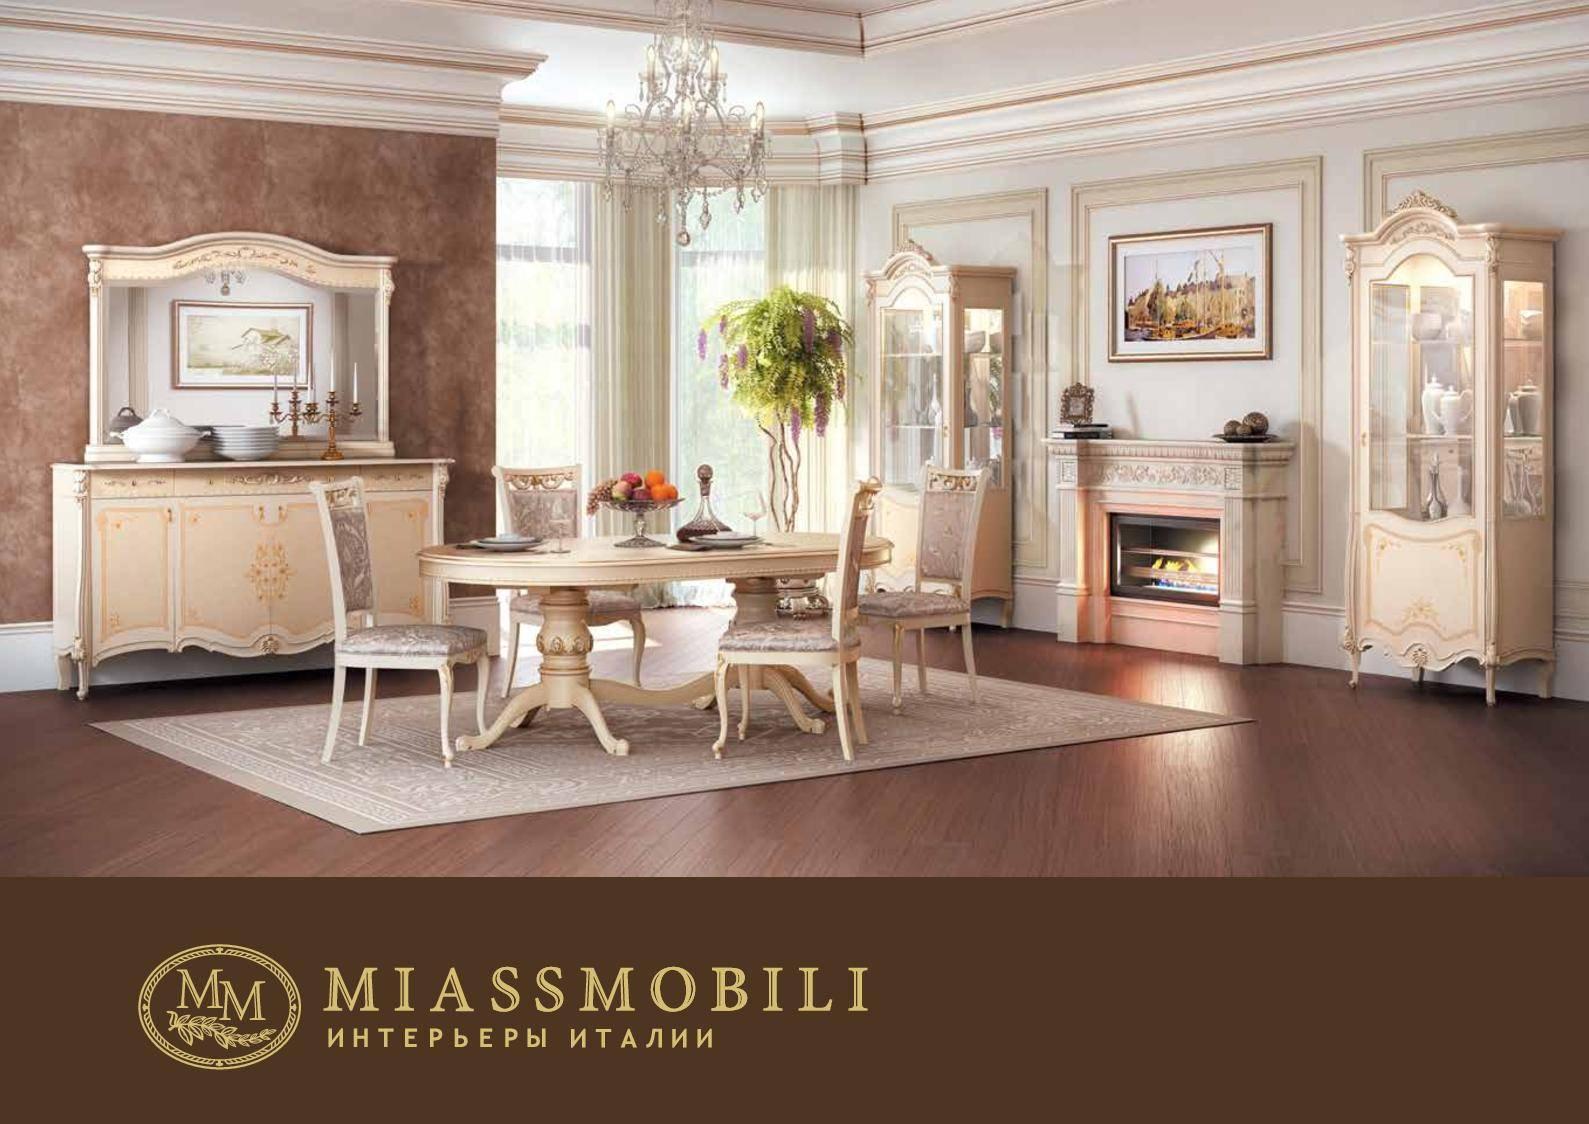 Мебель для зала: корпусная, стенка, диван и другие варианты, фото идей интерьера